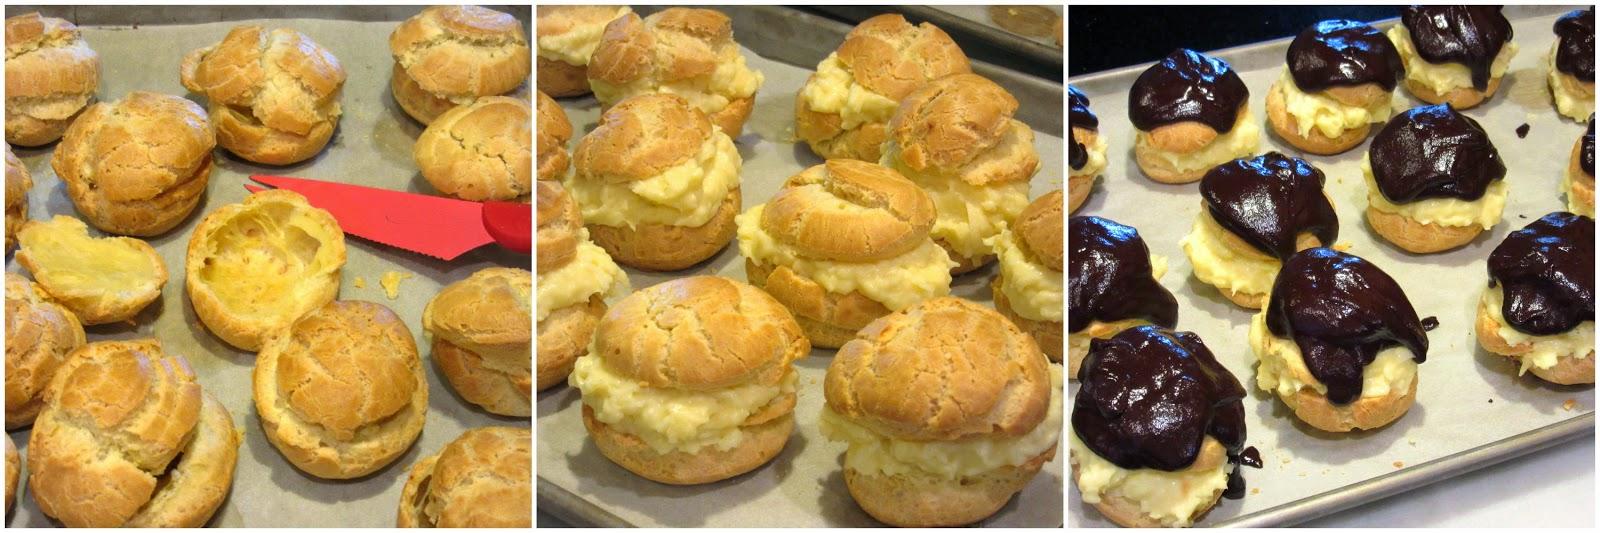 Coconut Cream Puffs Recipe - Kudos Kitchen by Renee